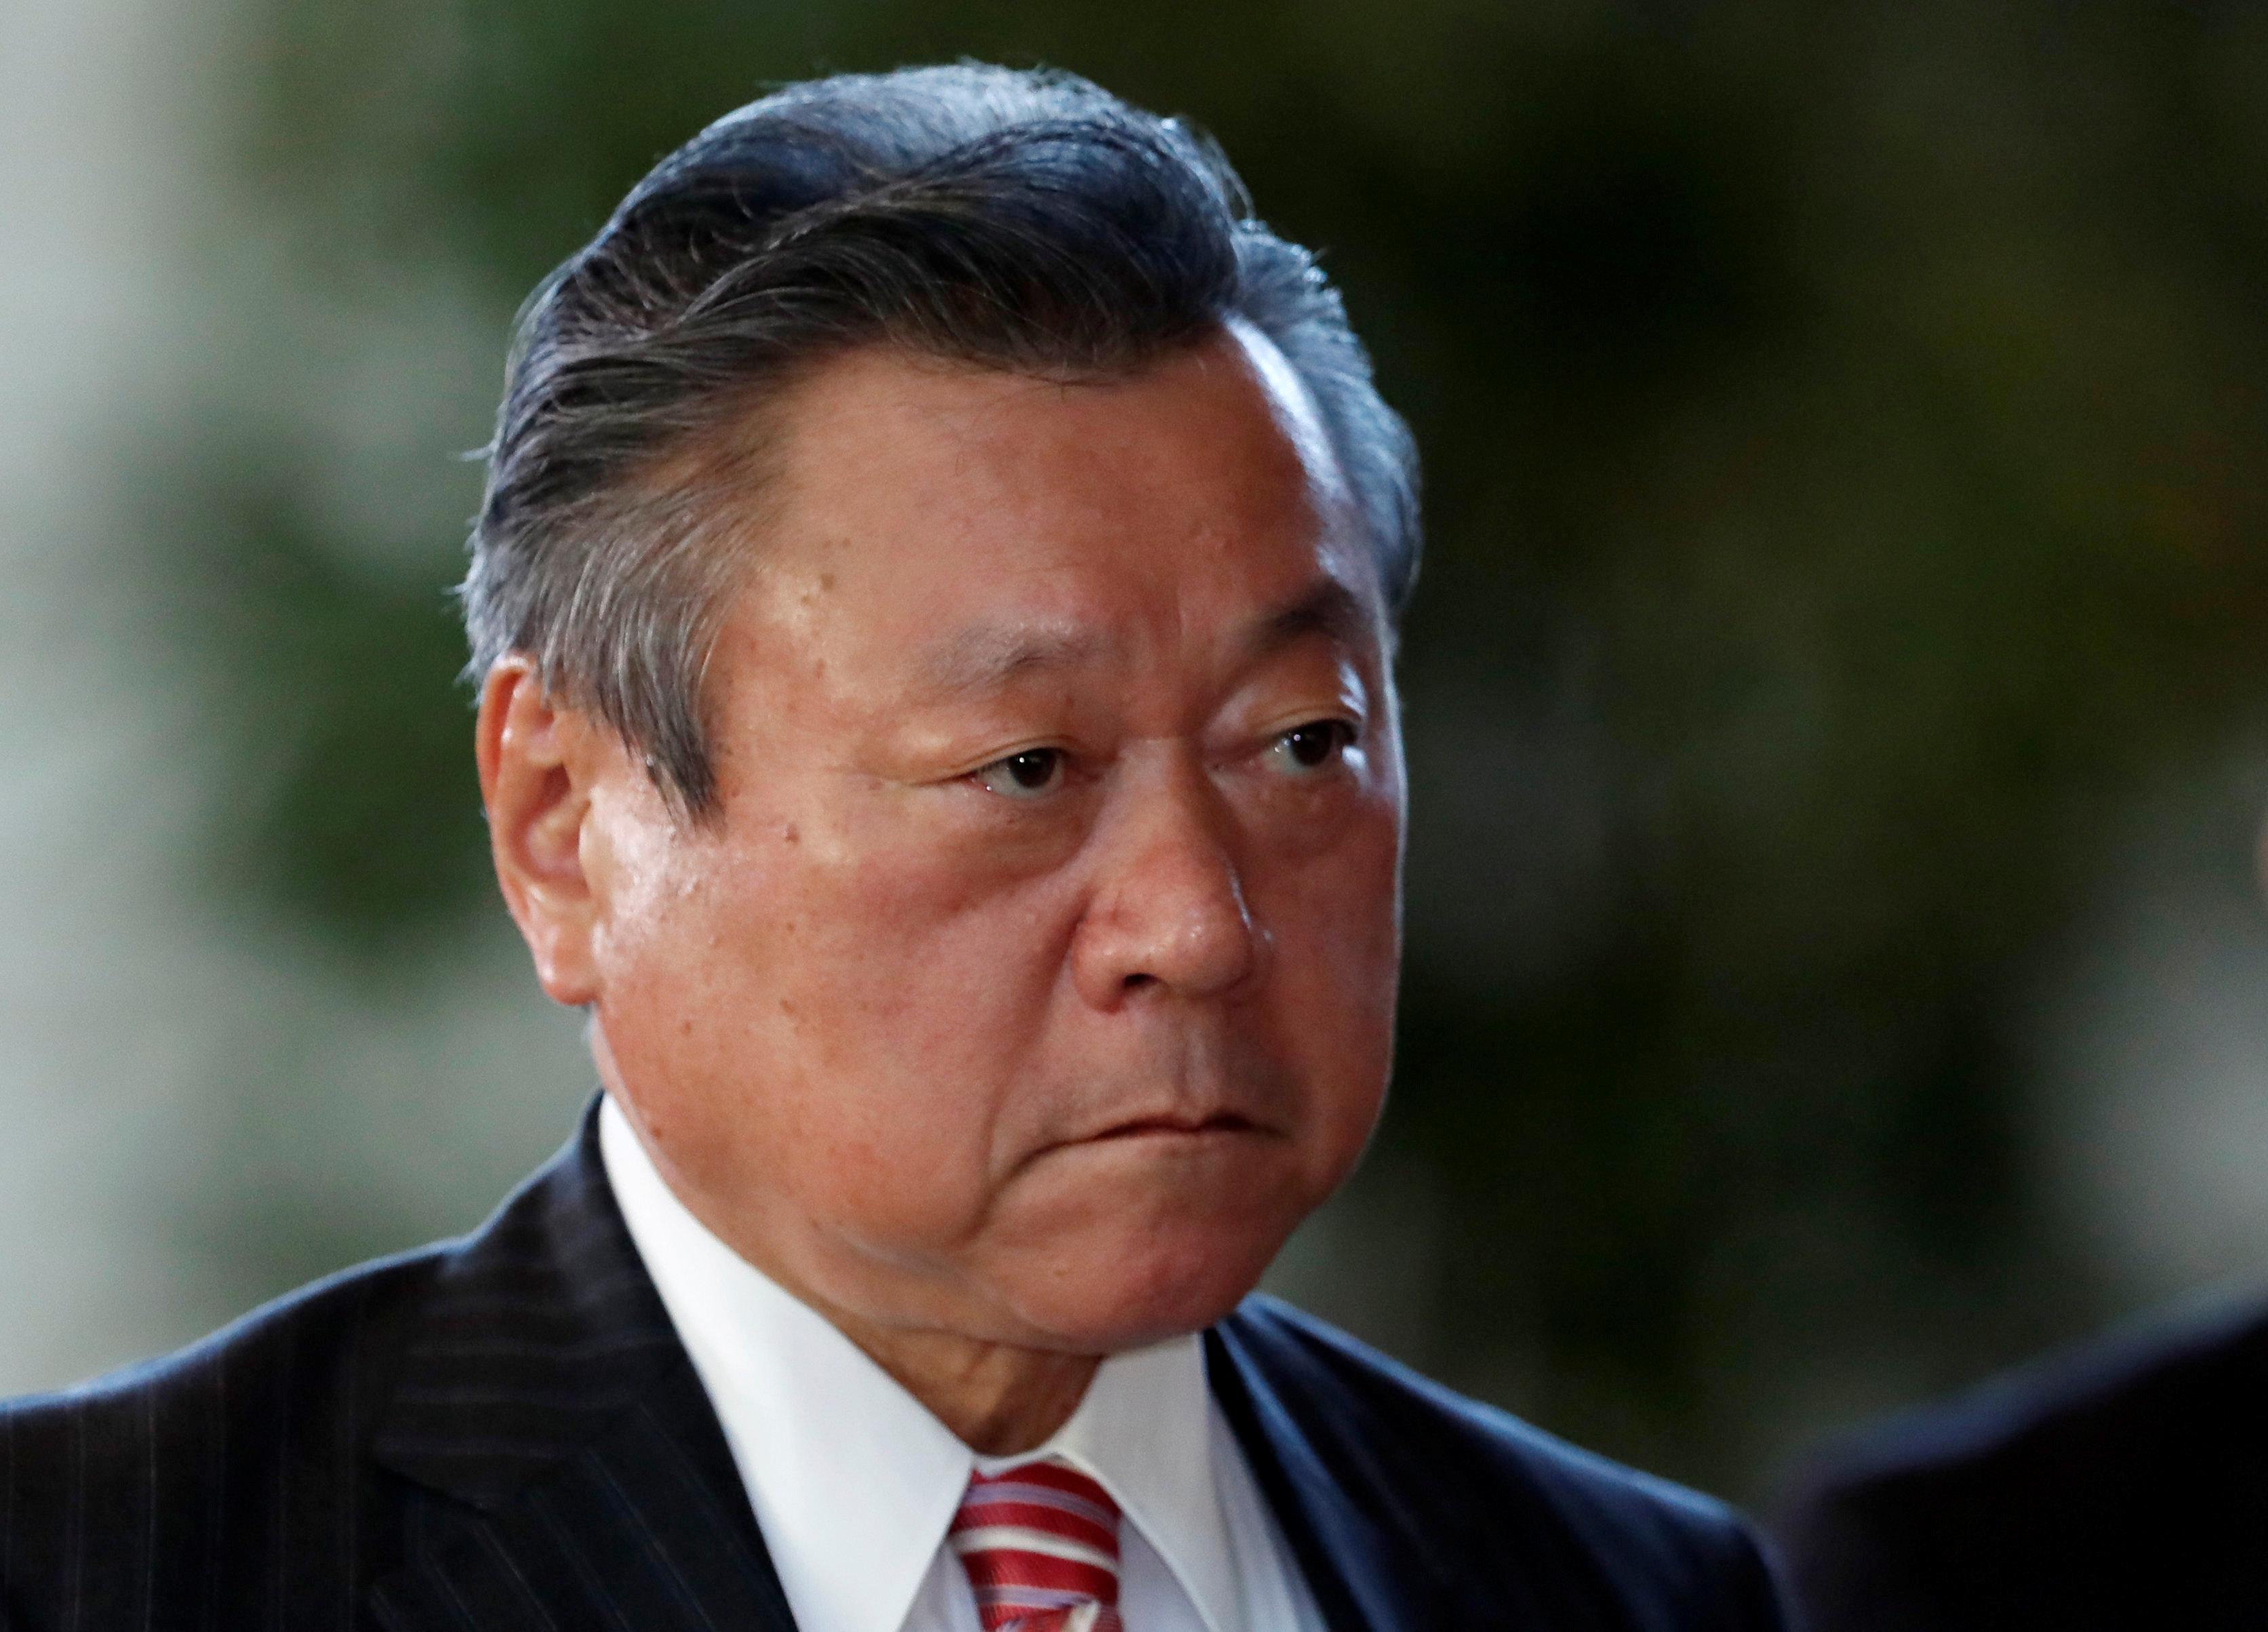 '백혈병 진단' 수영선수에게 막말한 일본 장관이 논란에